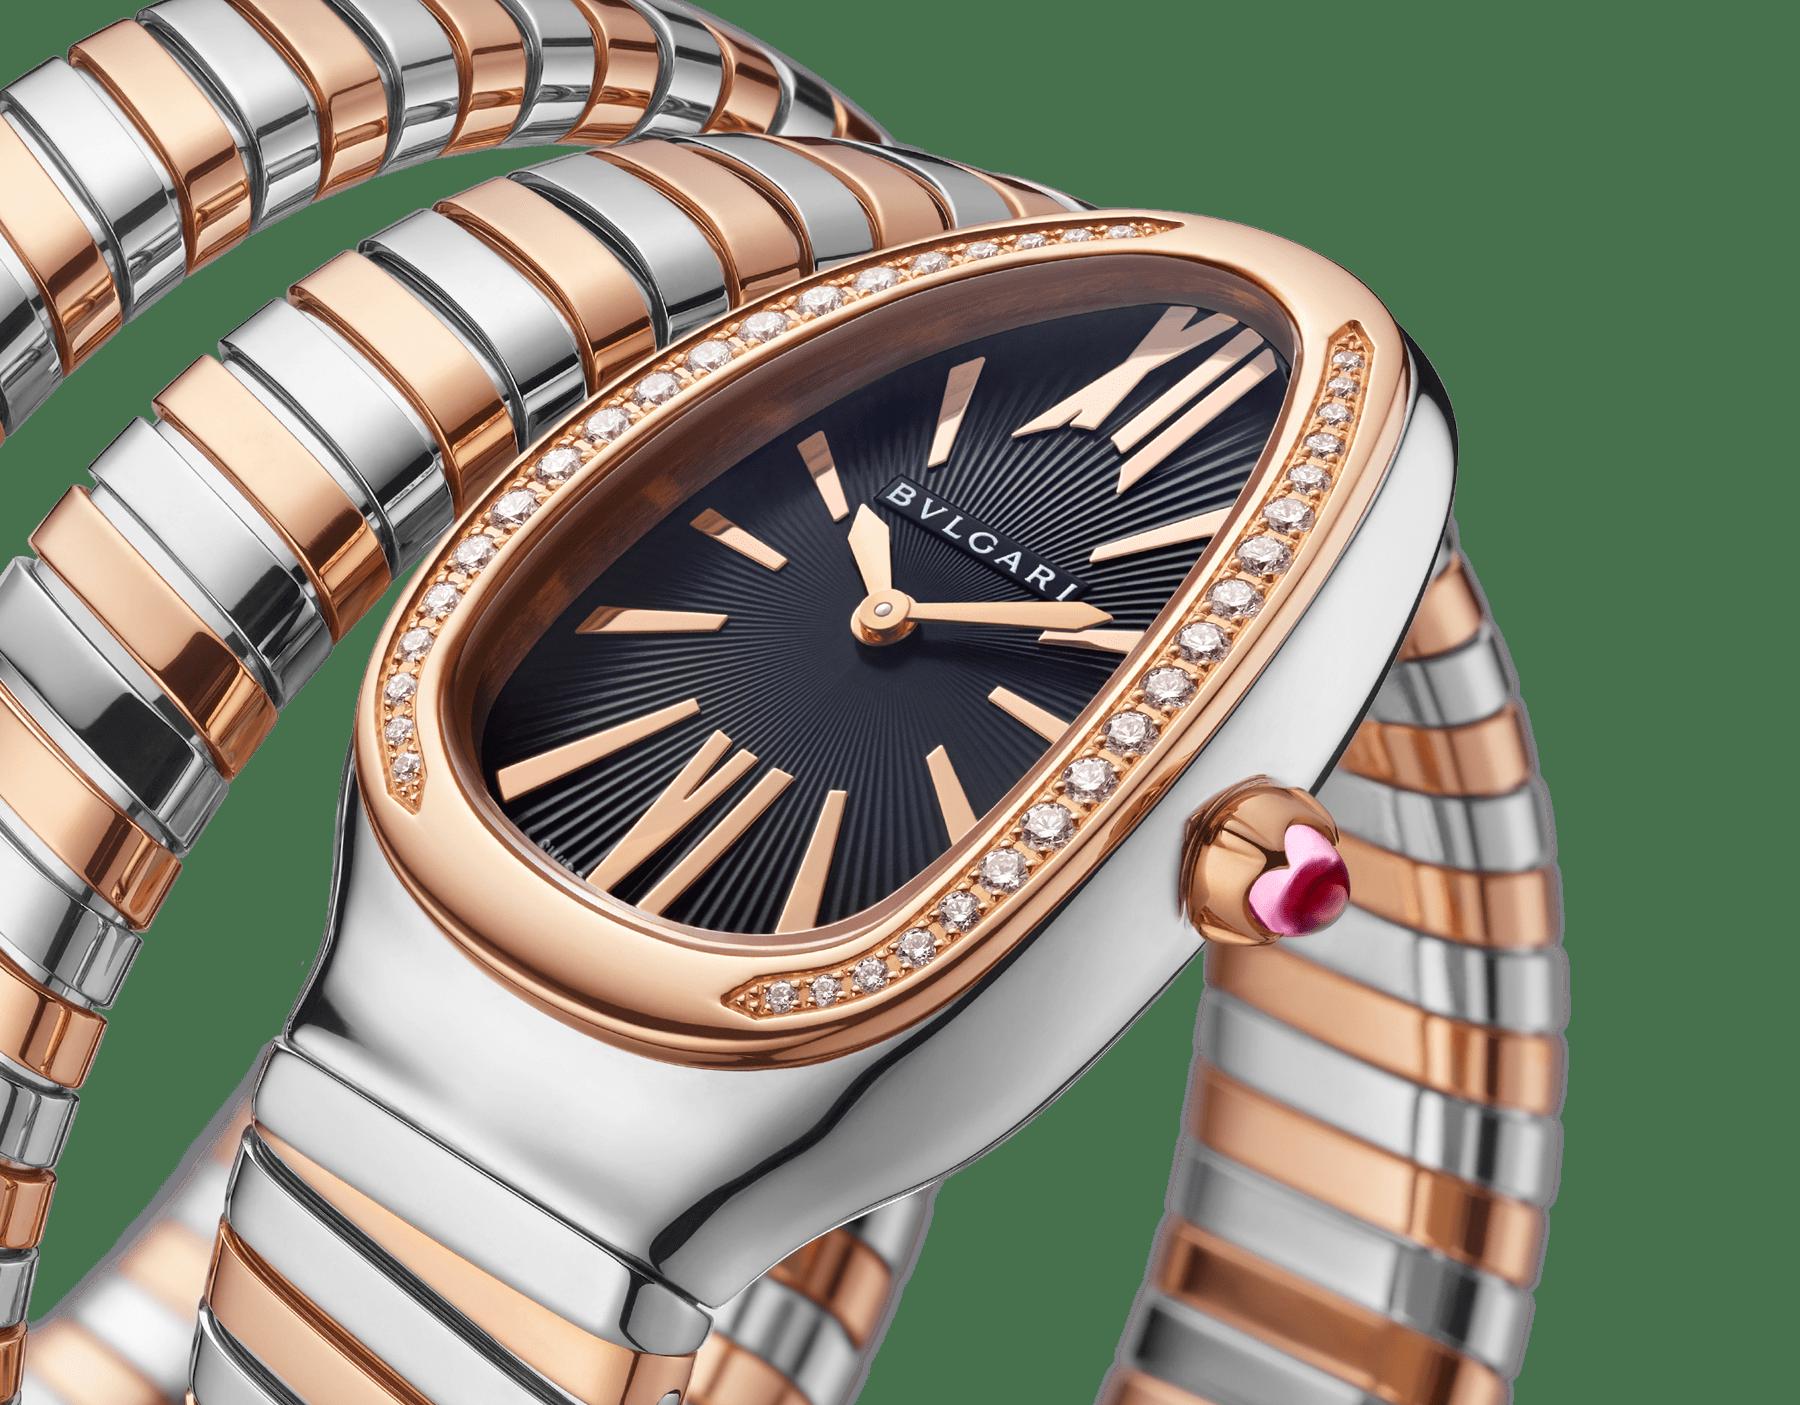 Montre Serpenti Tubogas avec boîtier en acier inoxydable, lunette en or rose 18K sertie de diamants taille brillant, cadran en opaline noire, bracelet double spirale en or rose 18K et acier inoxydable. 102099 image 3